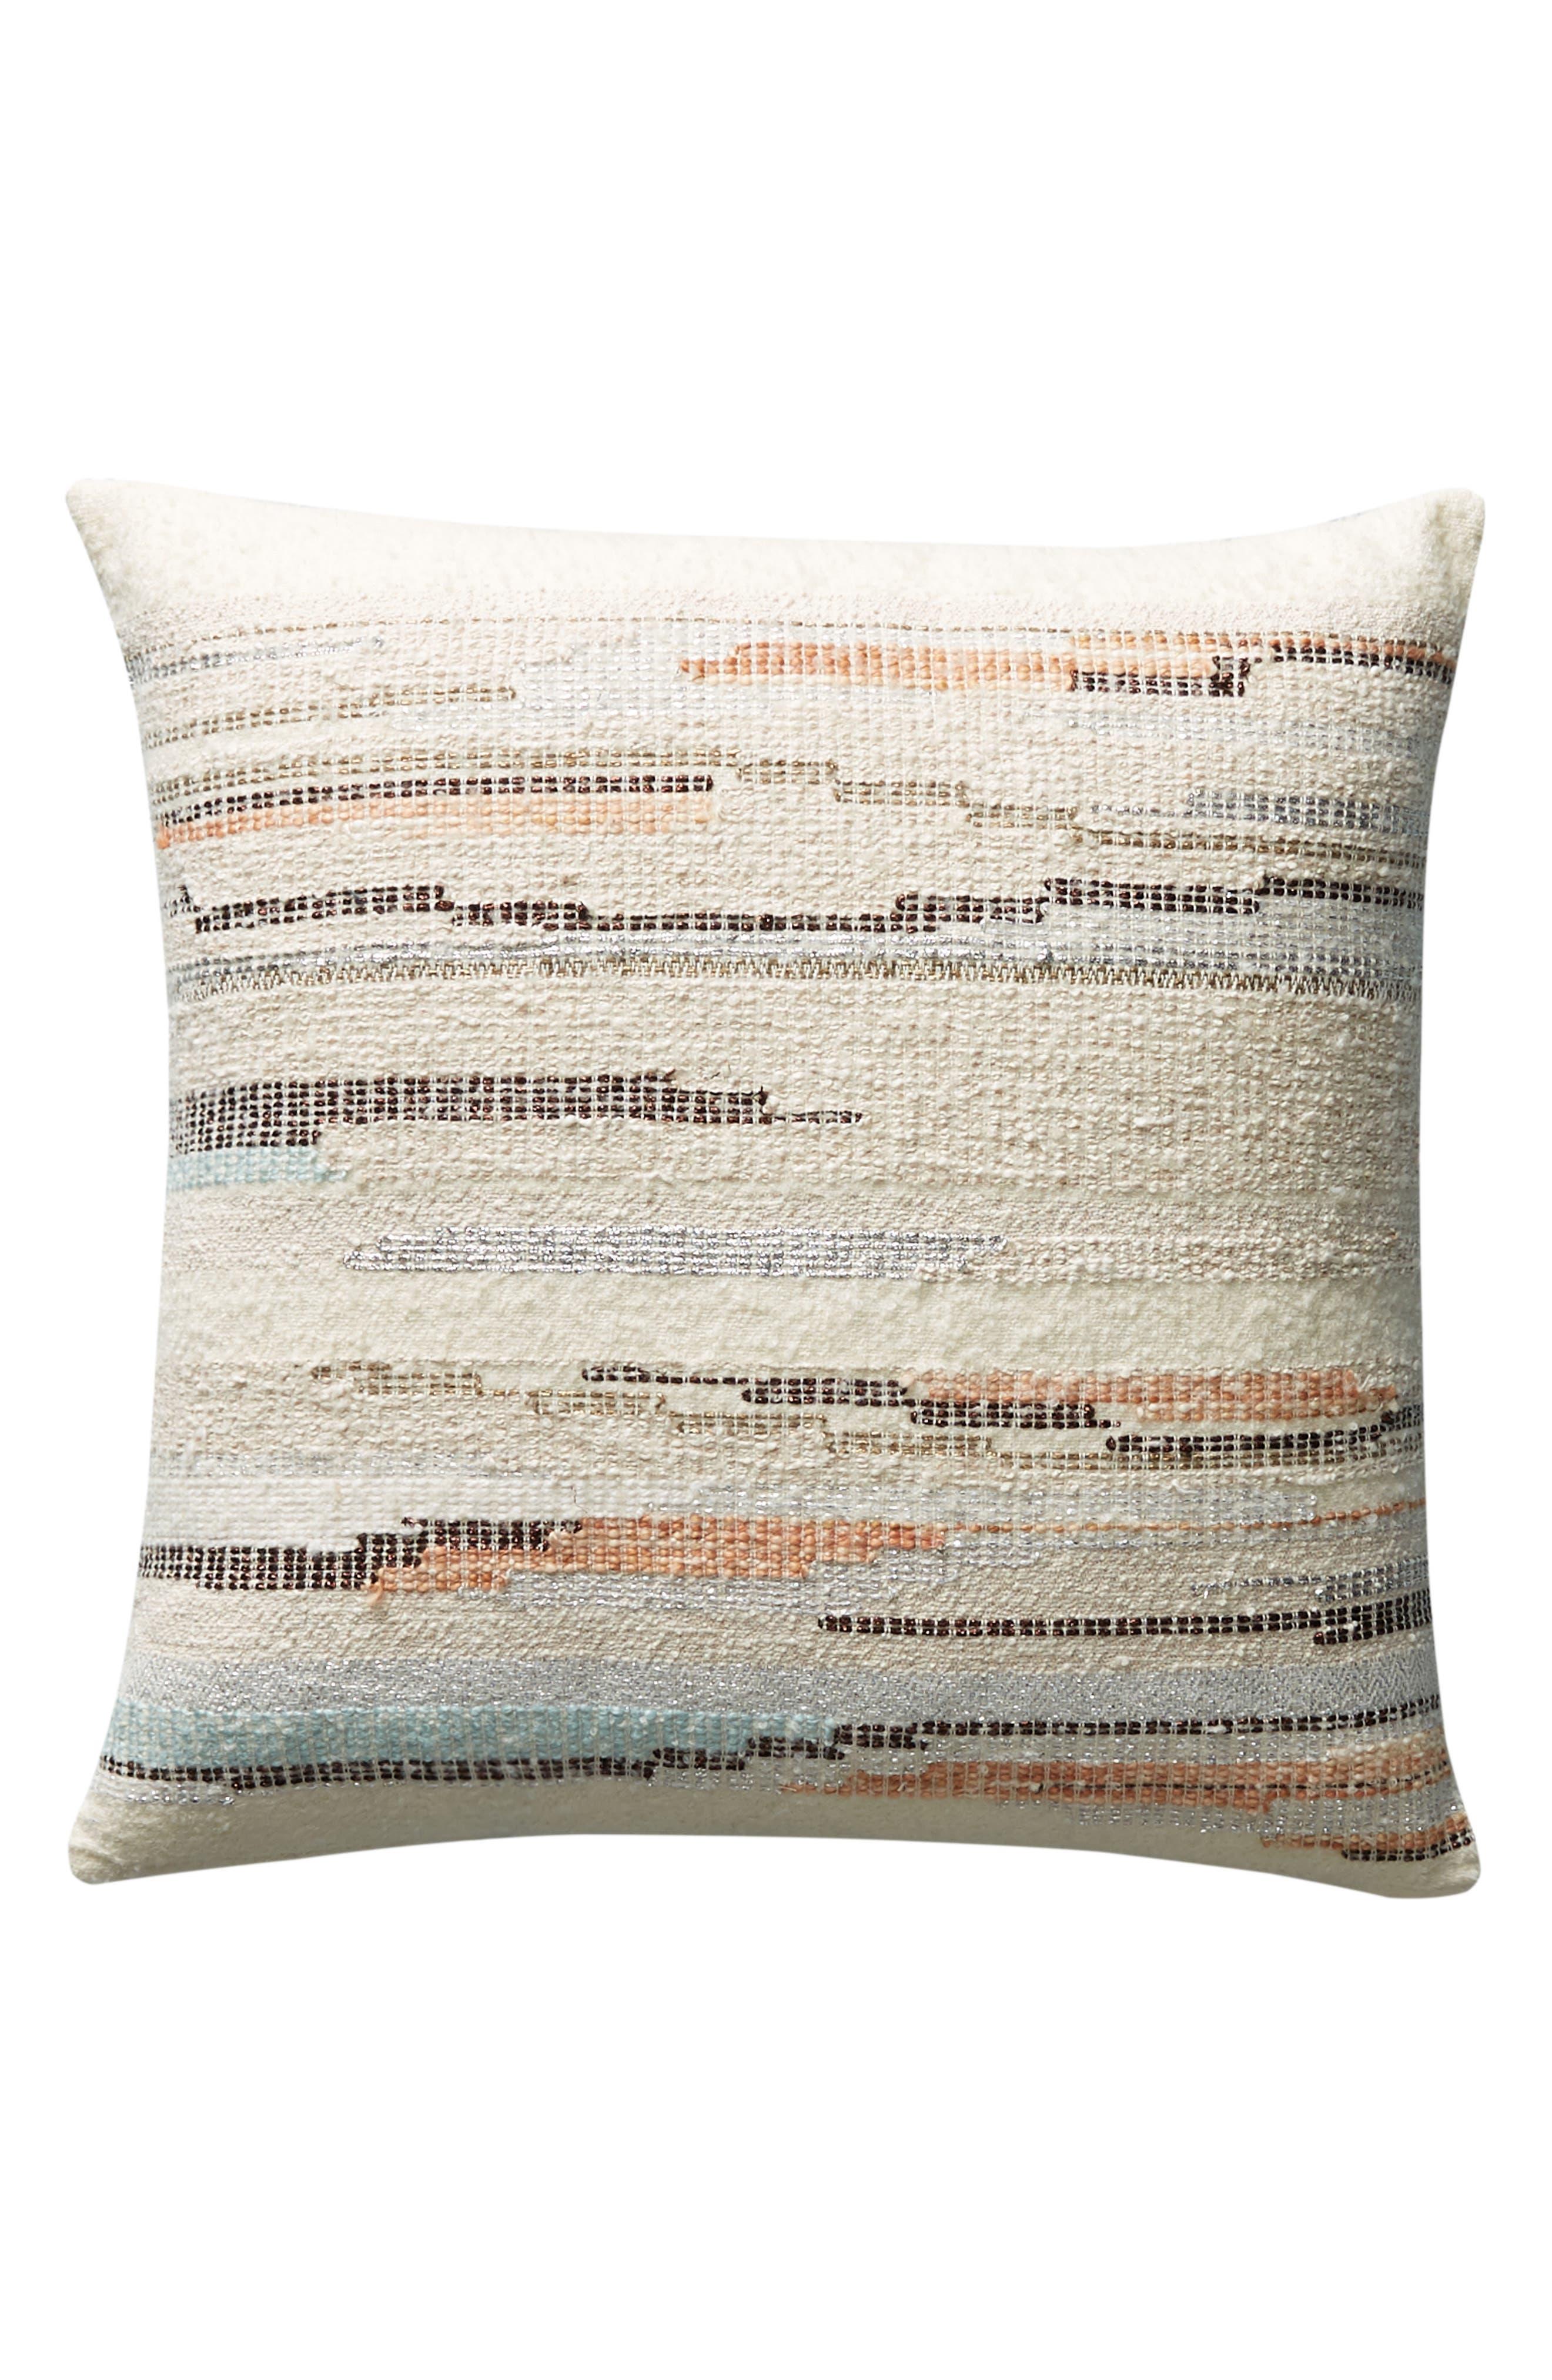 Jess Feury Sunstreak Accent Pillow,                             Alternate thumbnail 4, color,                             100